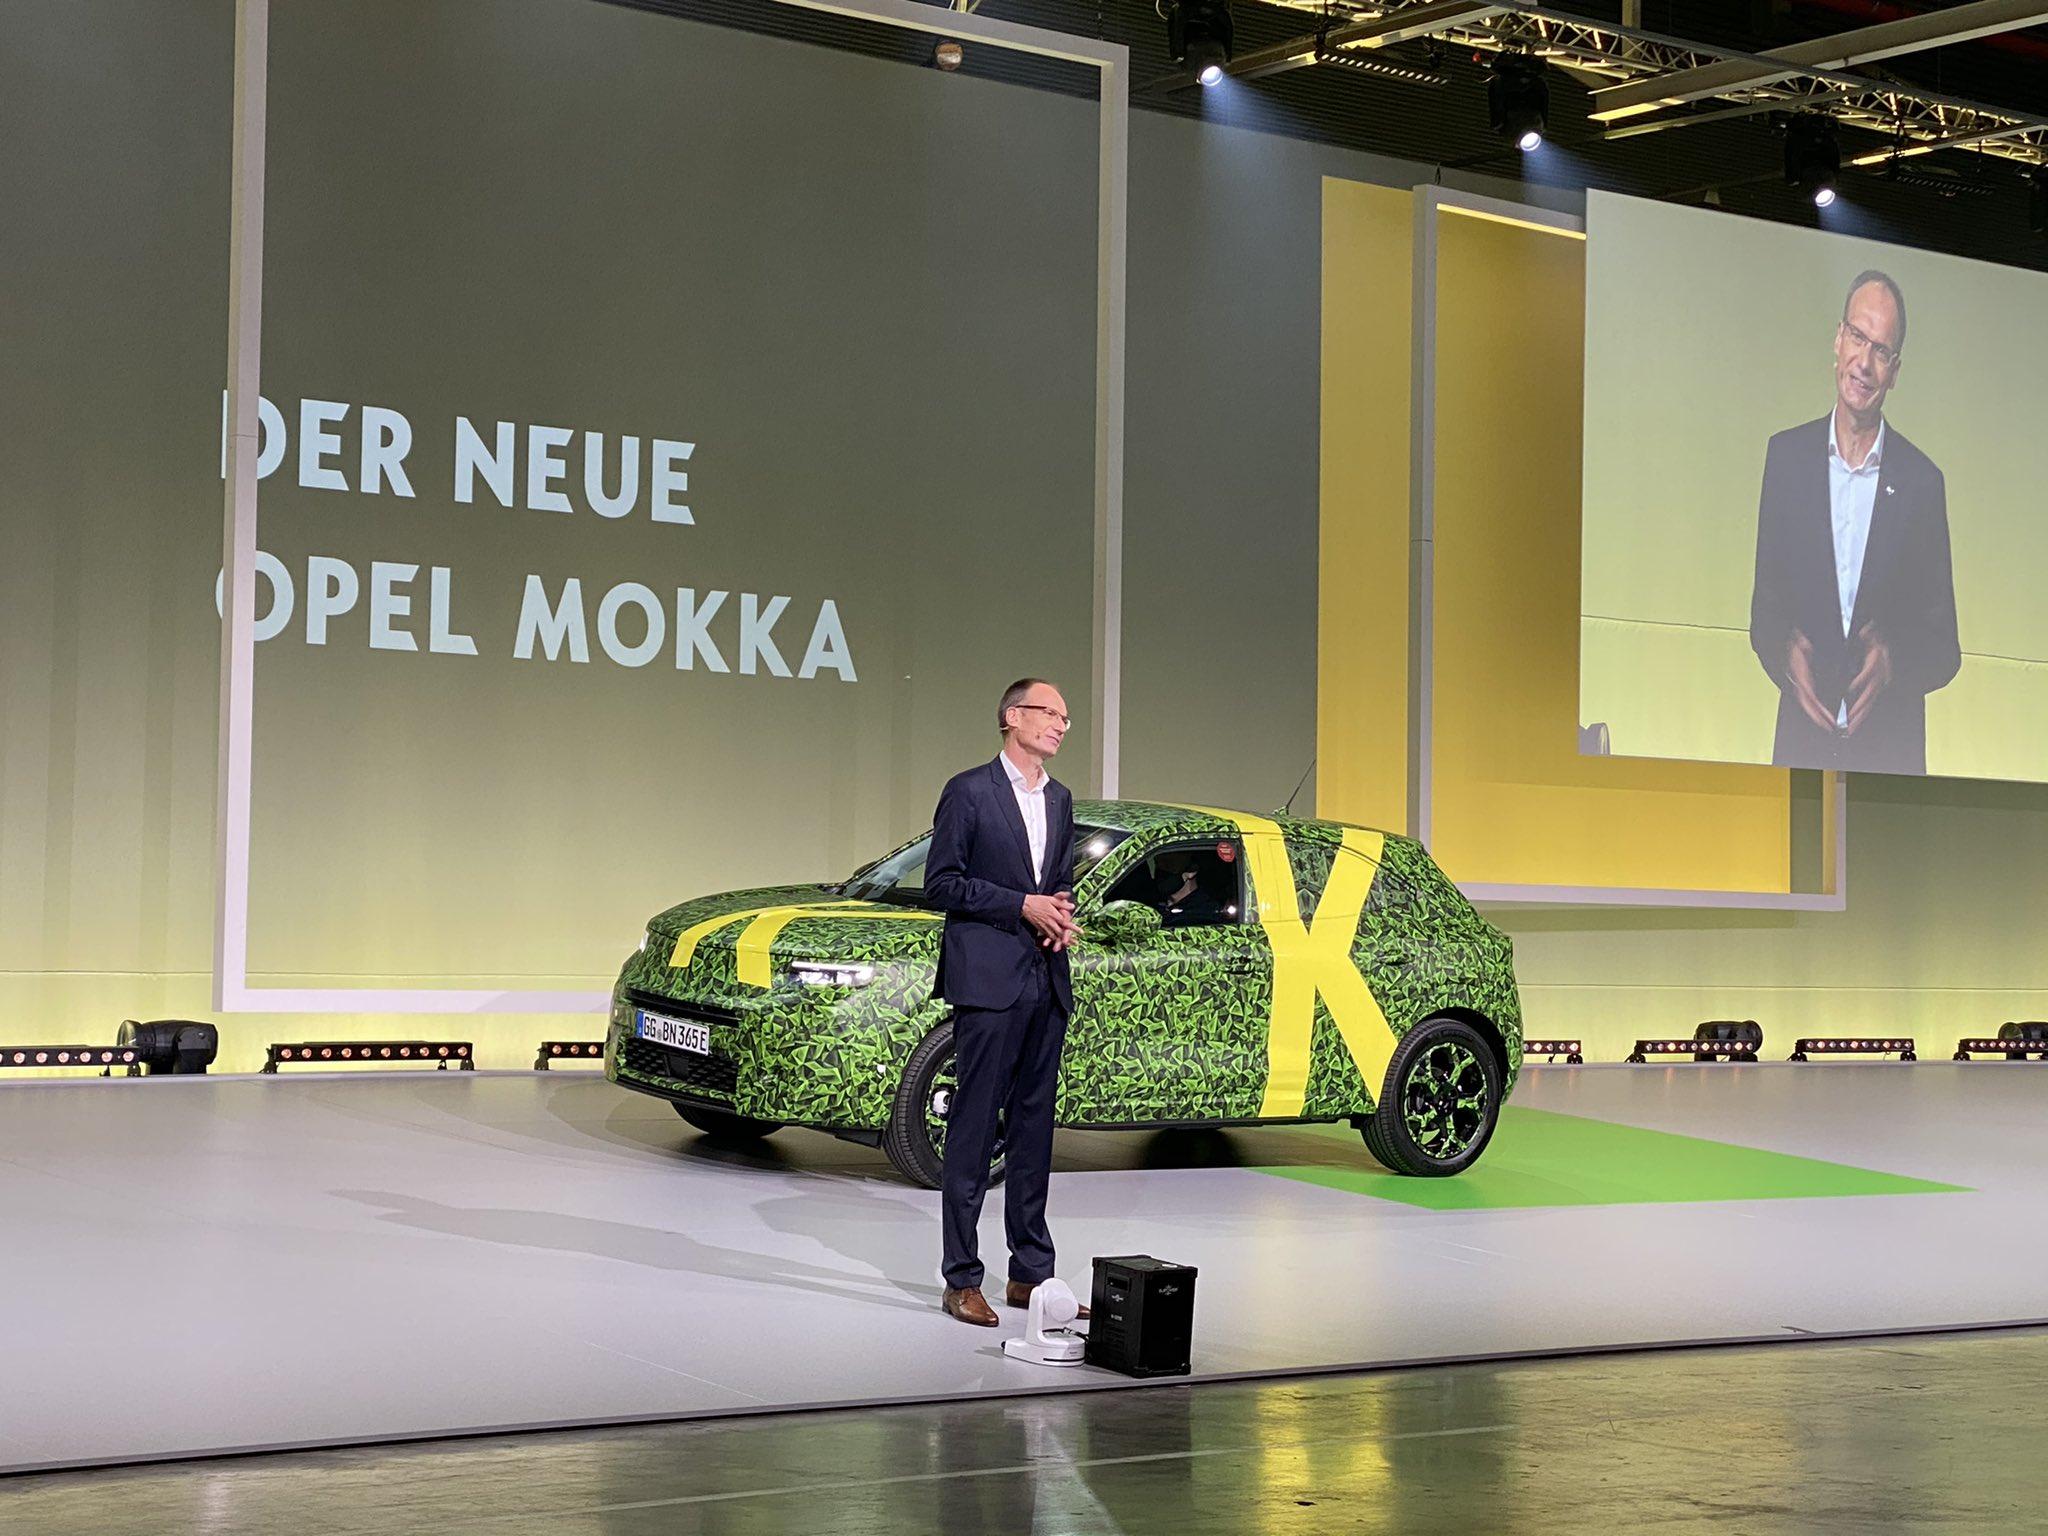 2020 - [Opel] Mokka II [P2QO] Eigm3GZXYAEW4iq?format=jpg&name=large